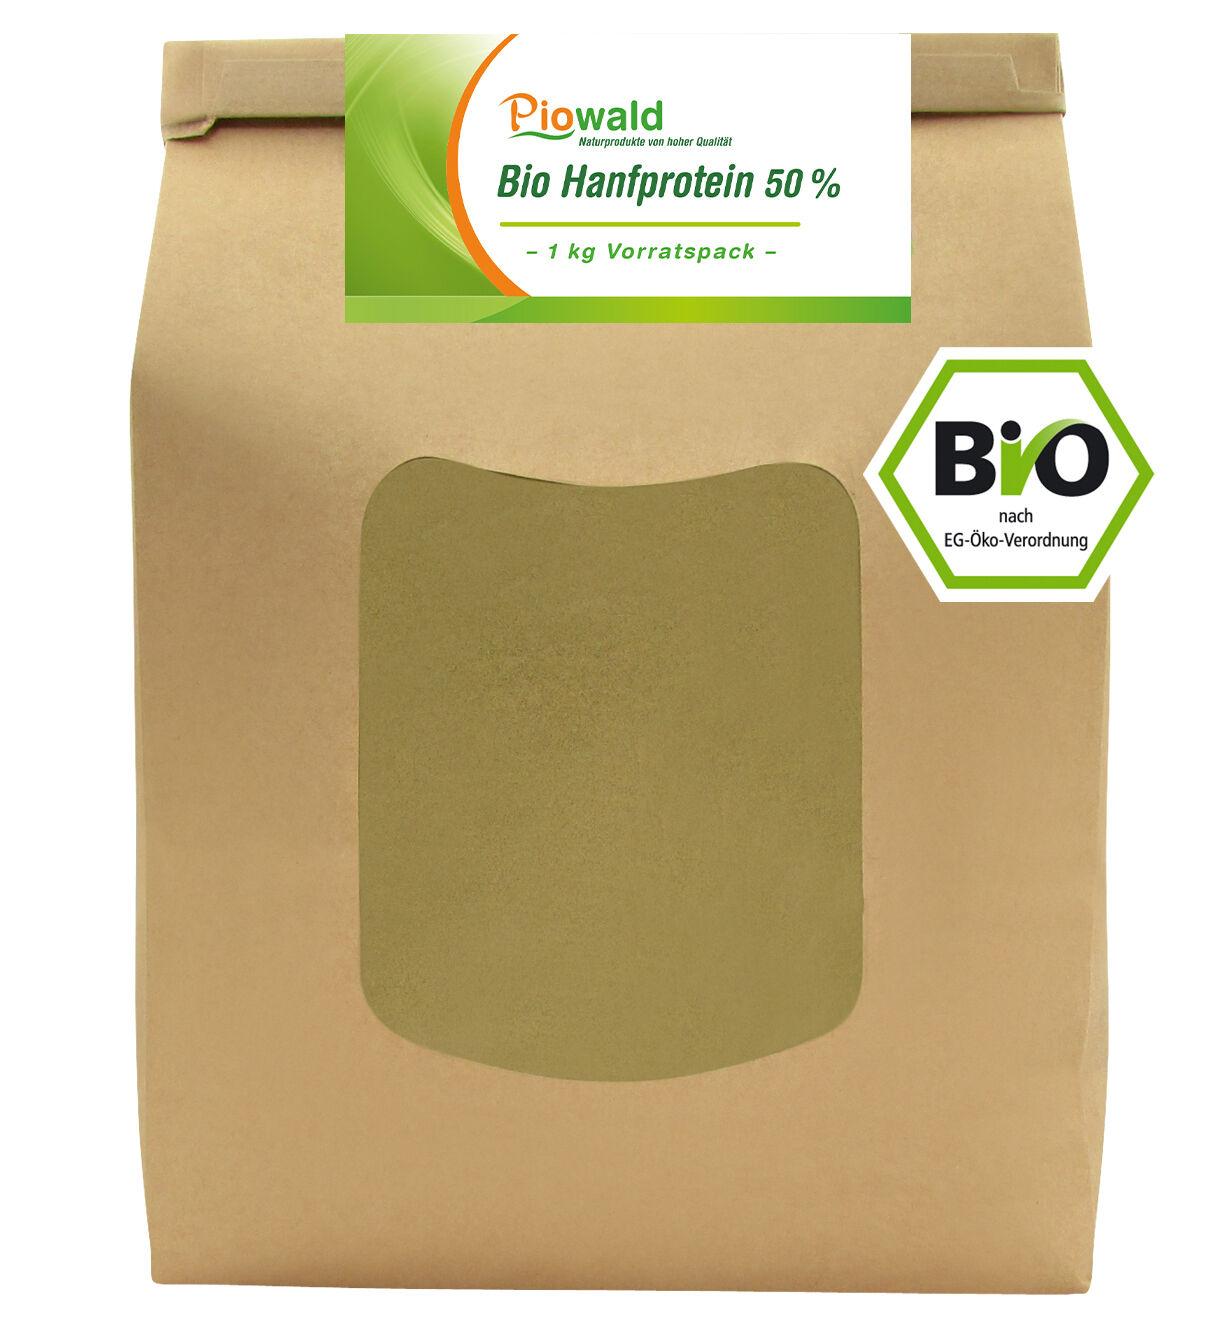 BIO Hanfprotein - 1 kg Vorratspack (19,90€/kg)